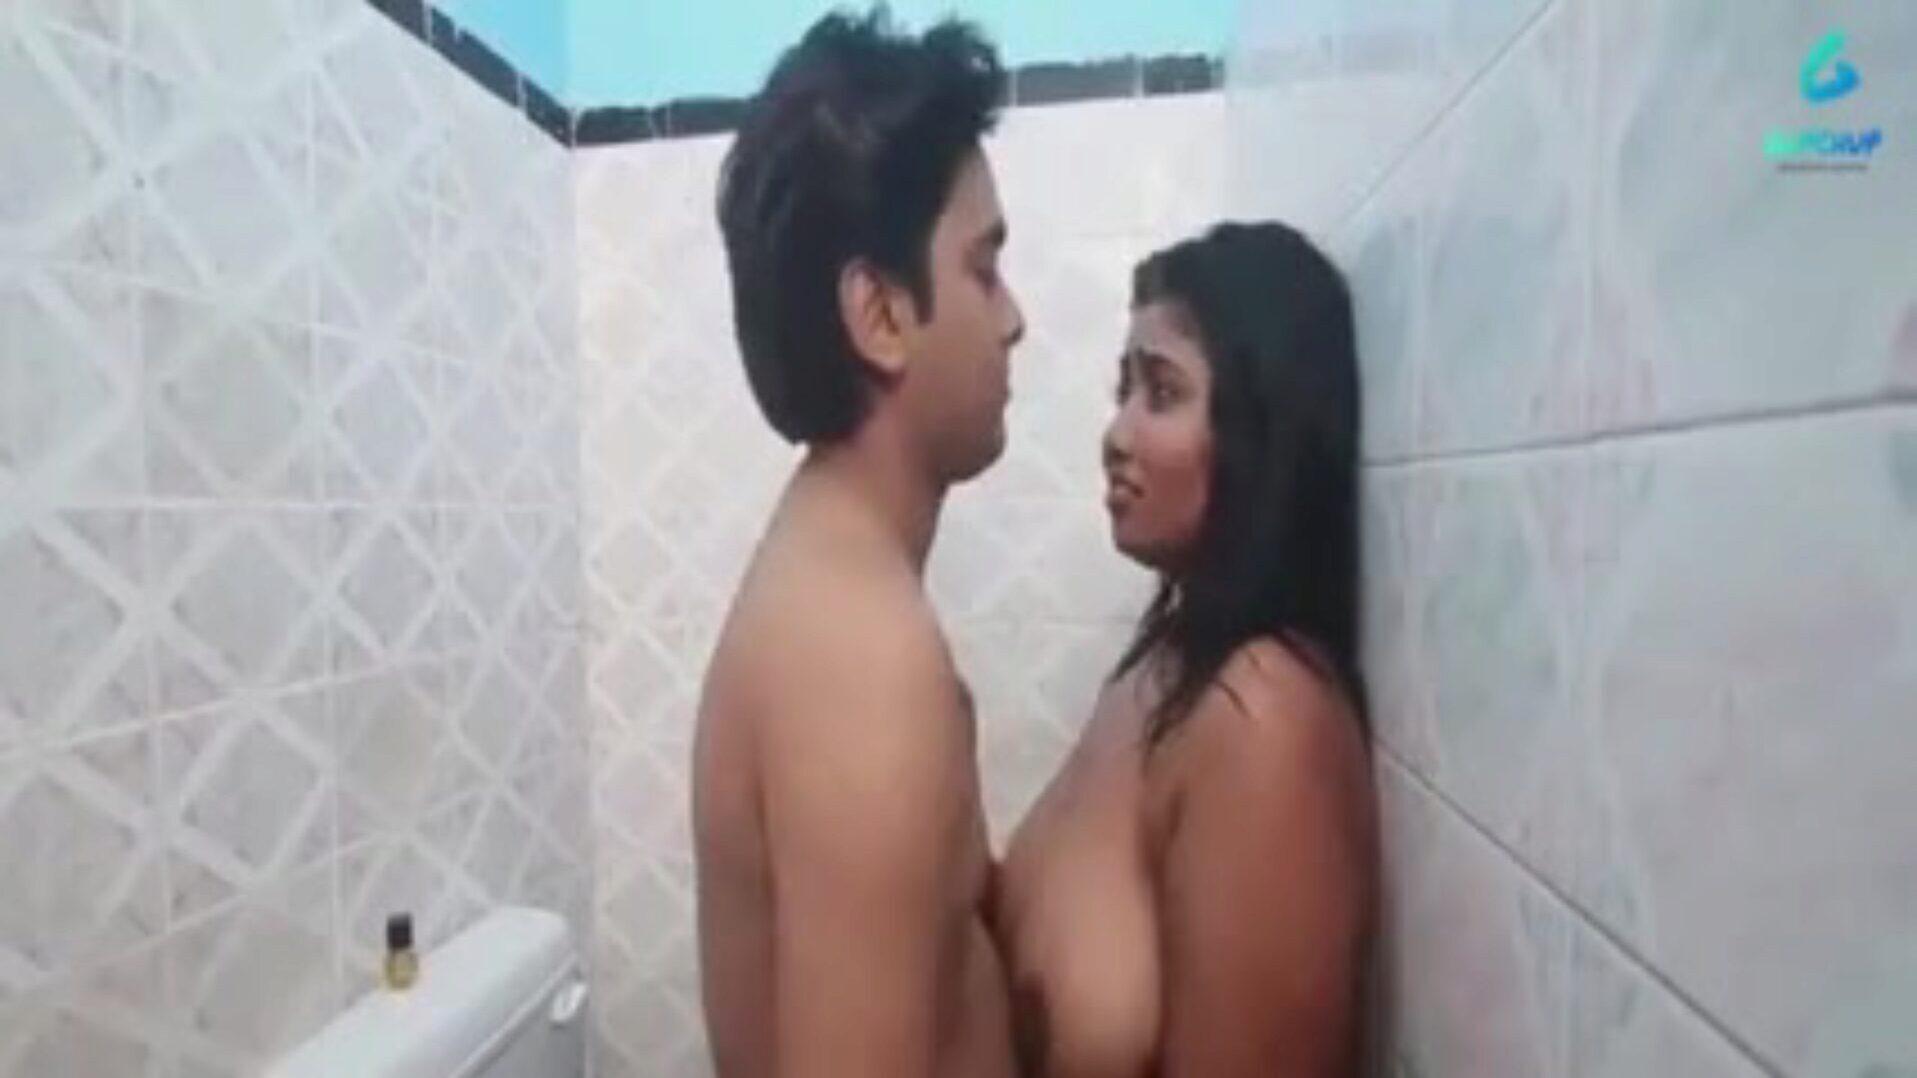 Porn hot moms Mom Porn